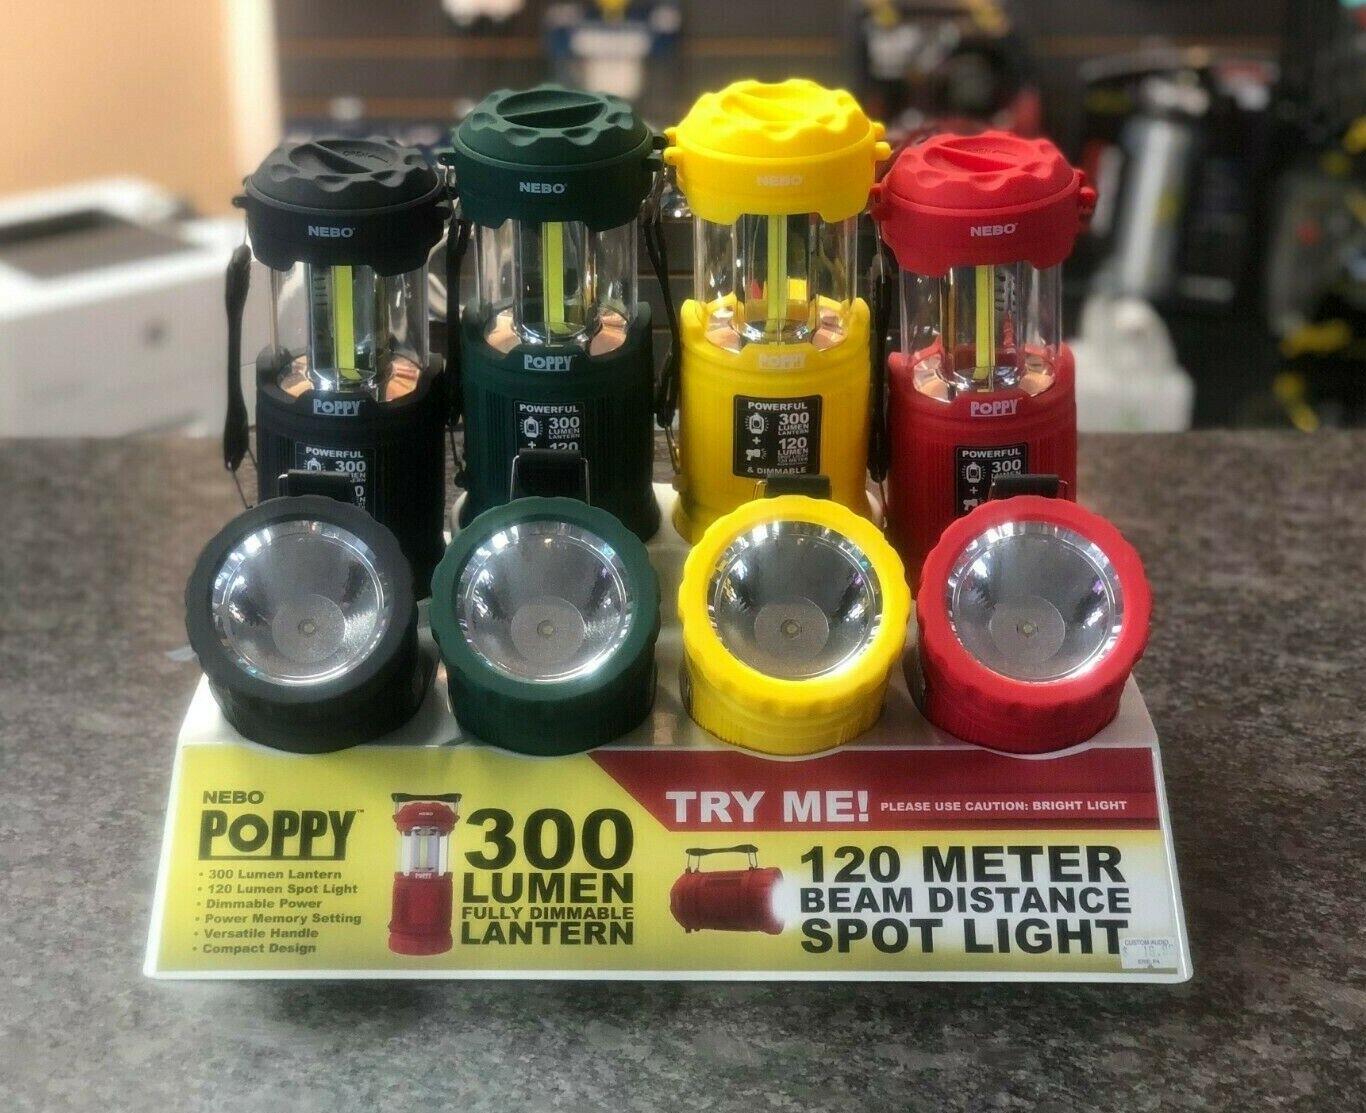 Nebo Poppy 300 Lumens Lantern and Spotlight #6555